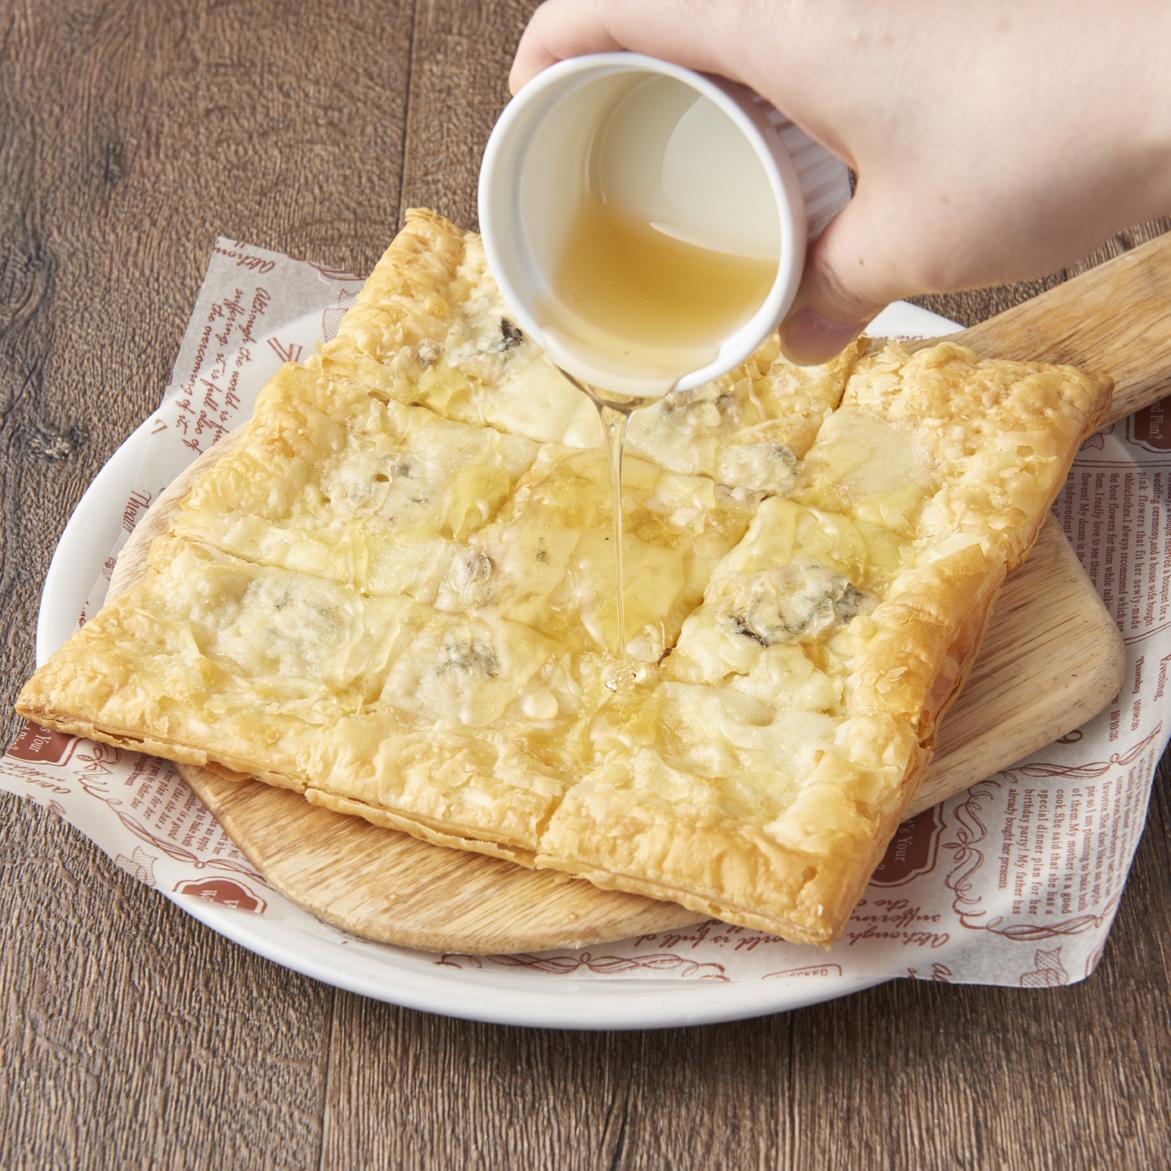 ピザパイ・クワトロ フォルマッジョ